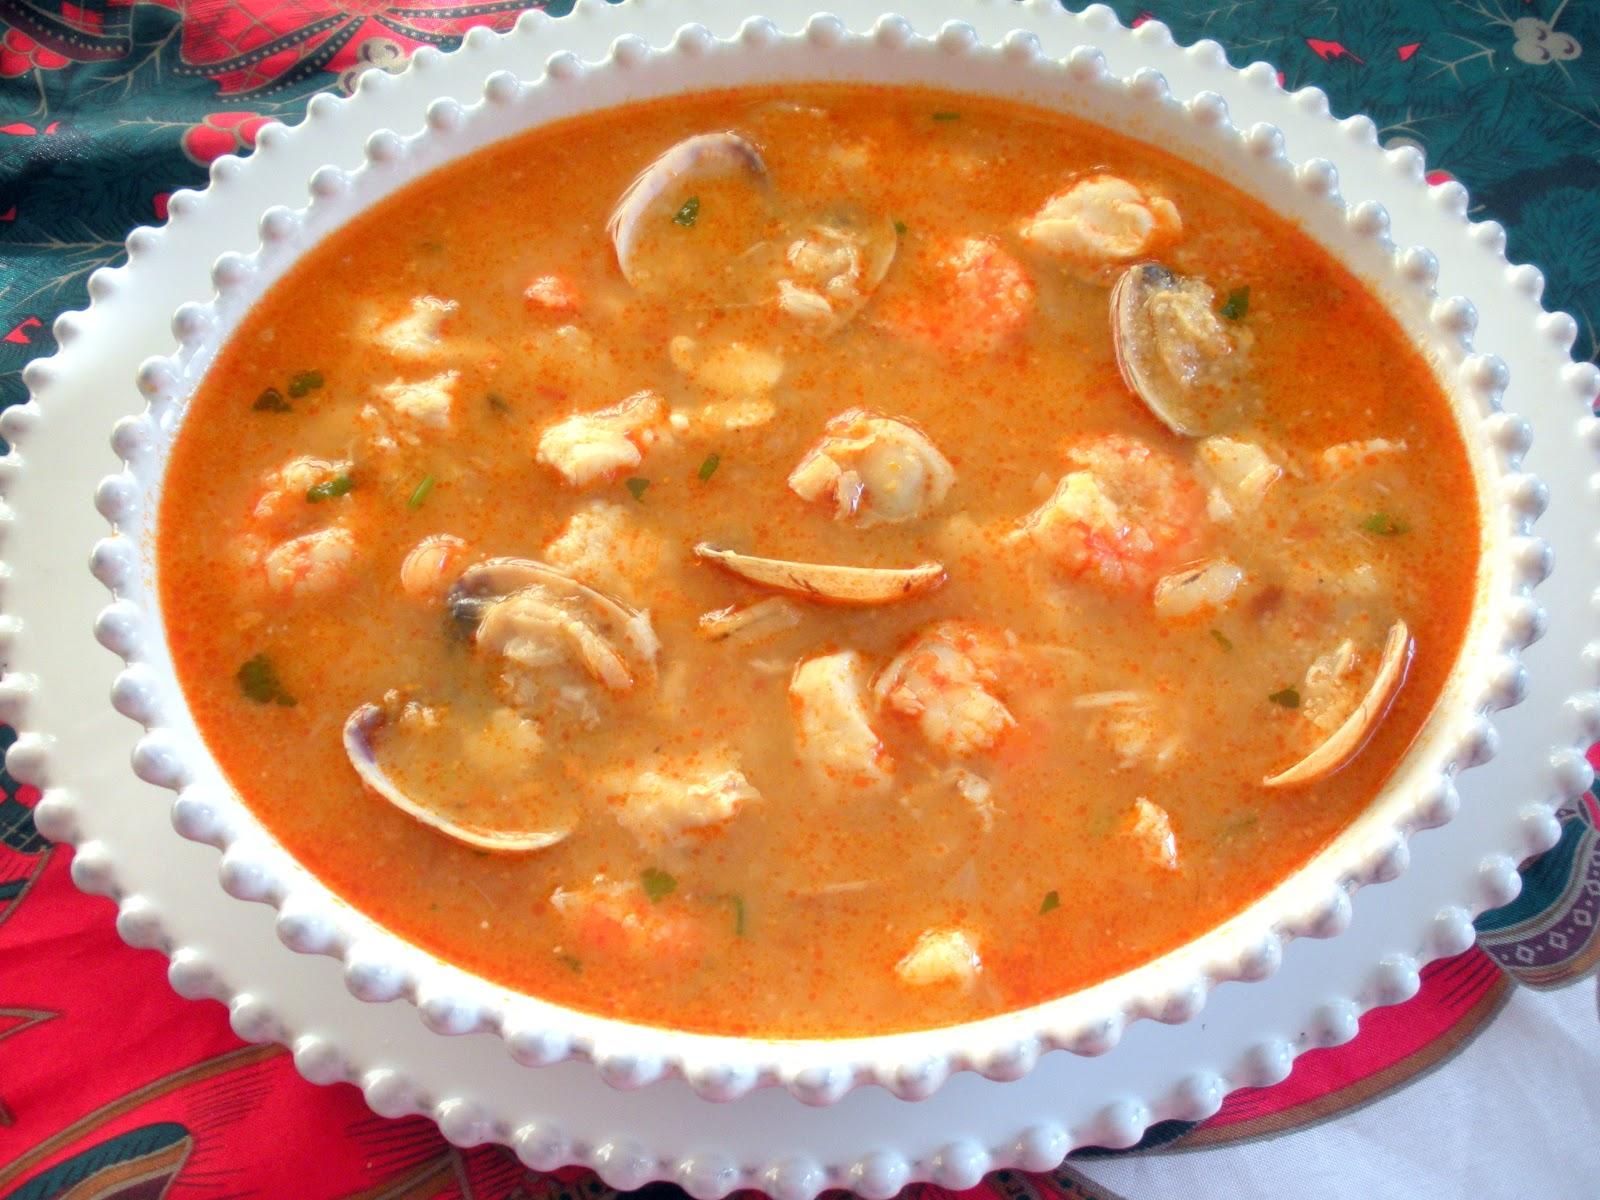 Aqu se cocina sopa de pescado y marisco - Sopa de marisco y pescado ...